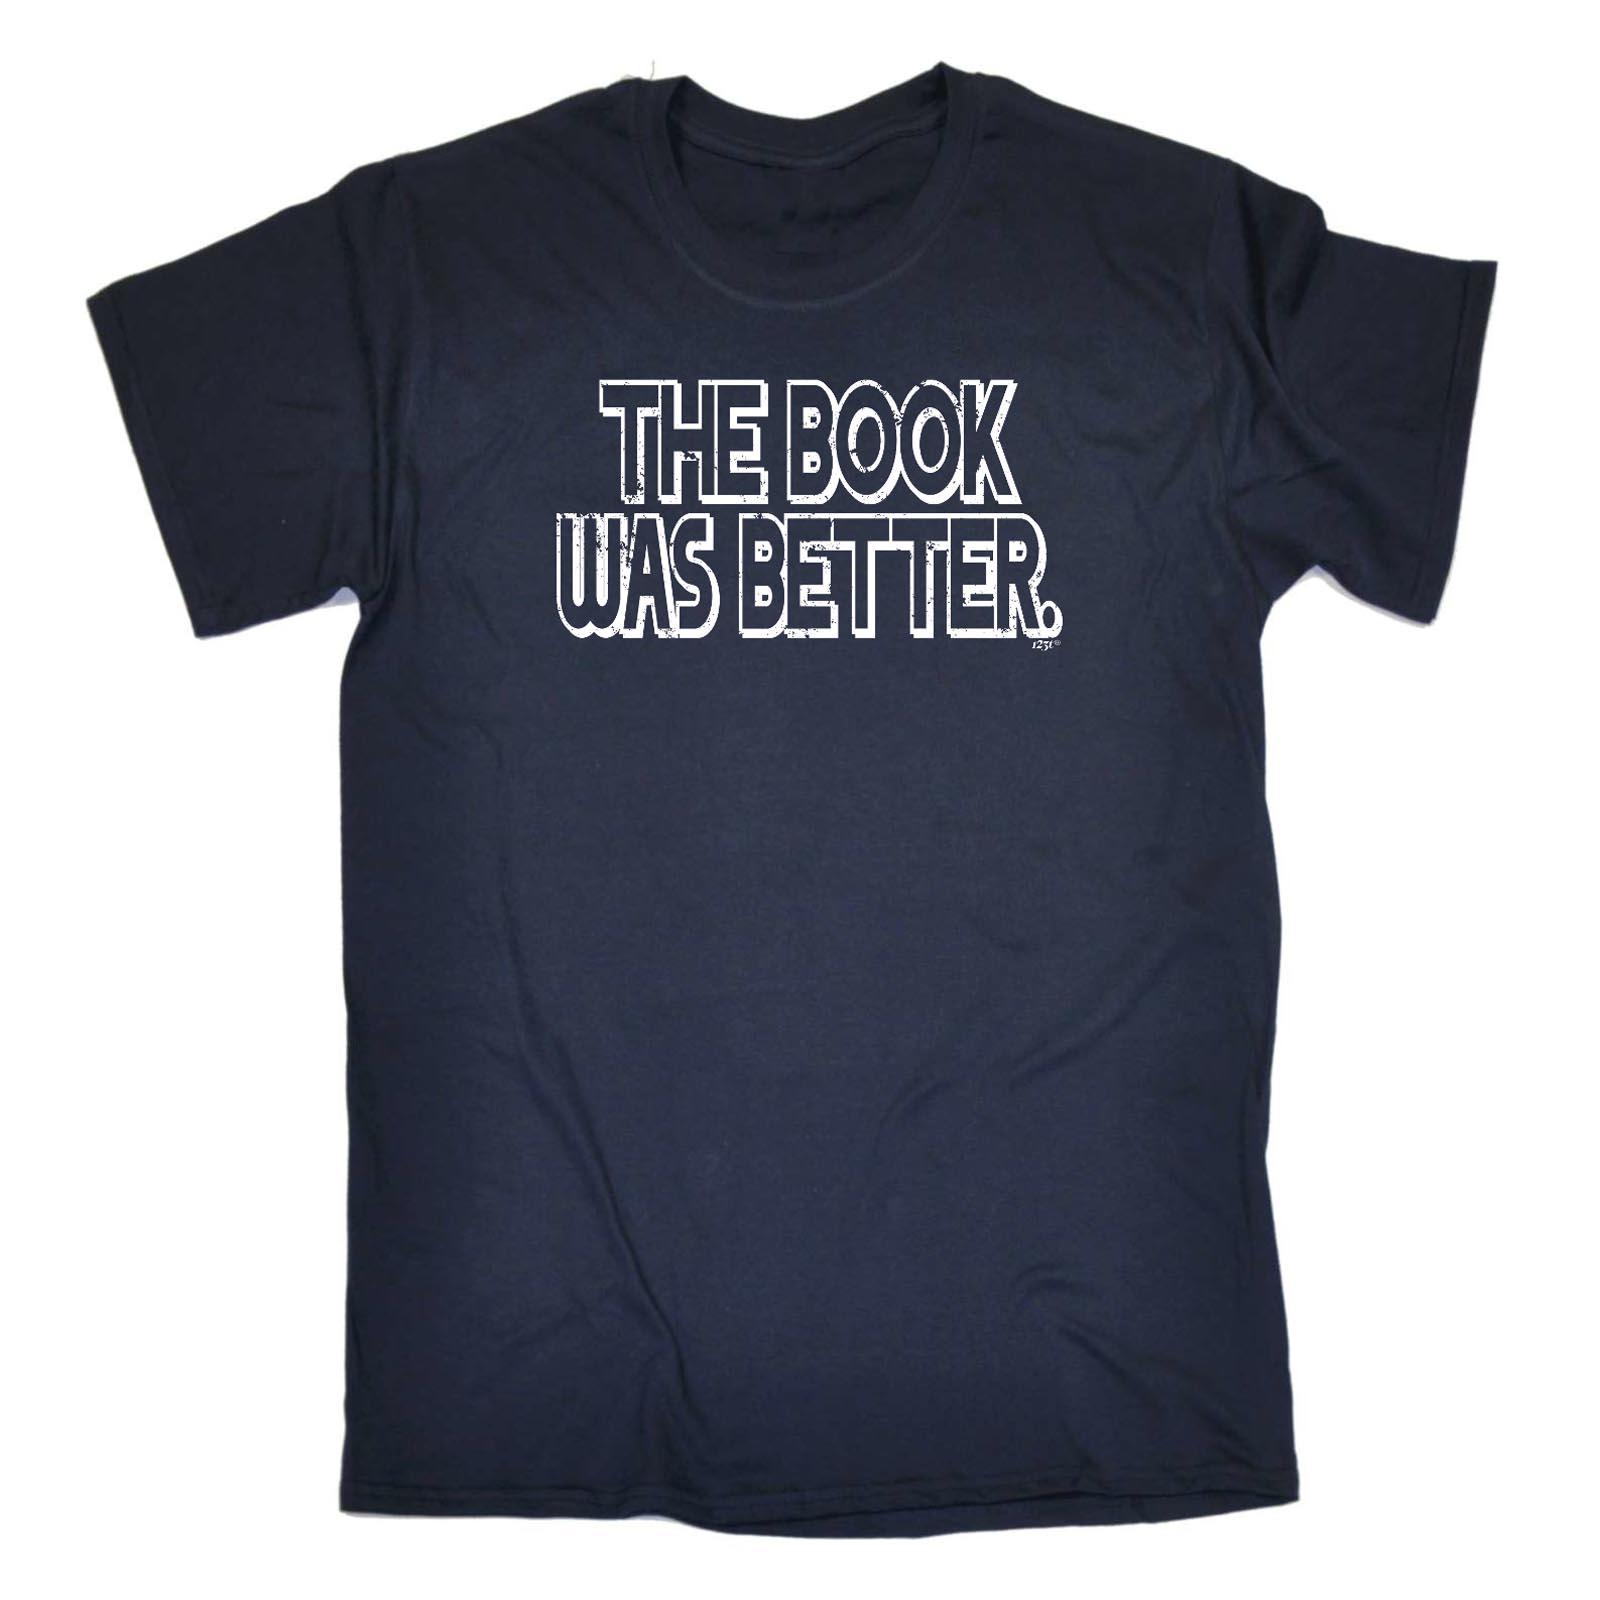 Divertenti Novità T-shirt Da Uomo T-Shirt Tee-il libro era migliore